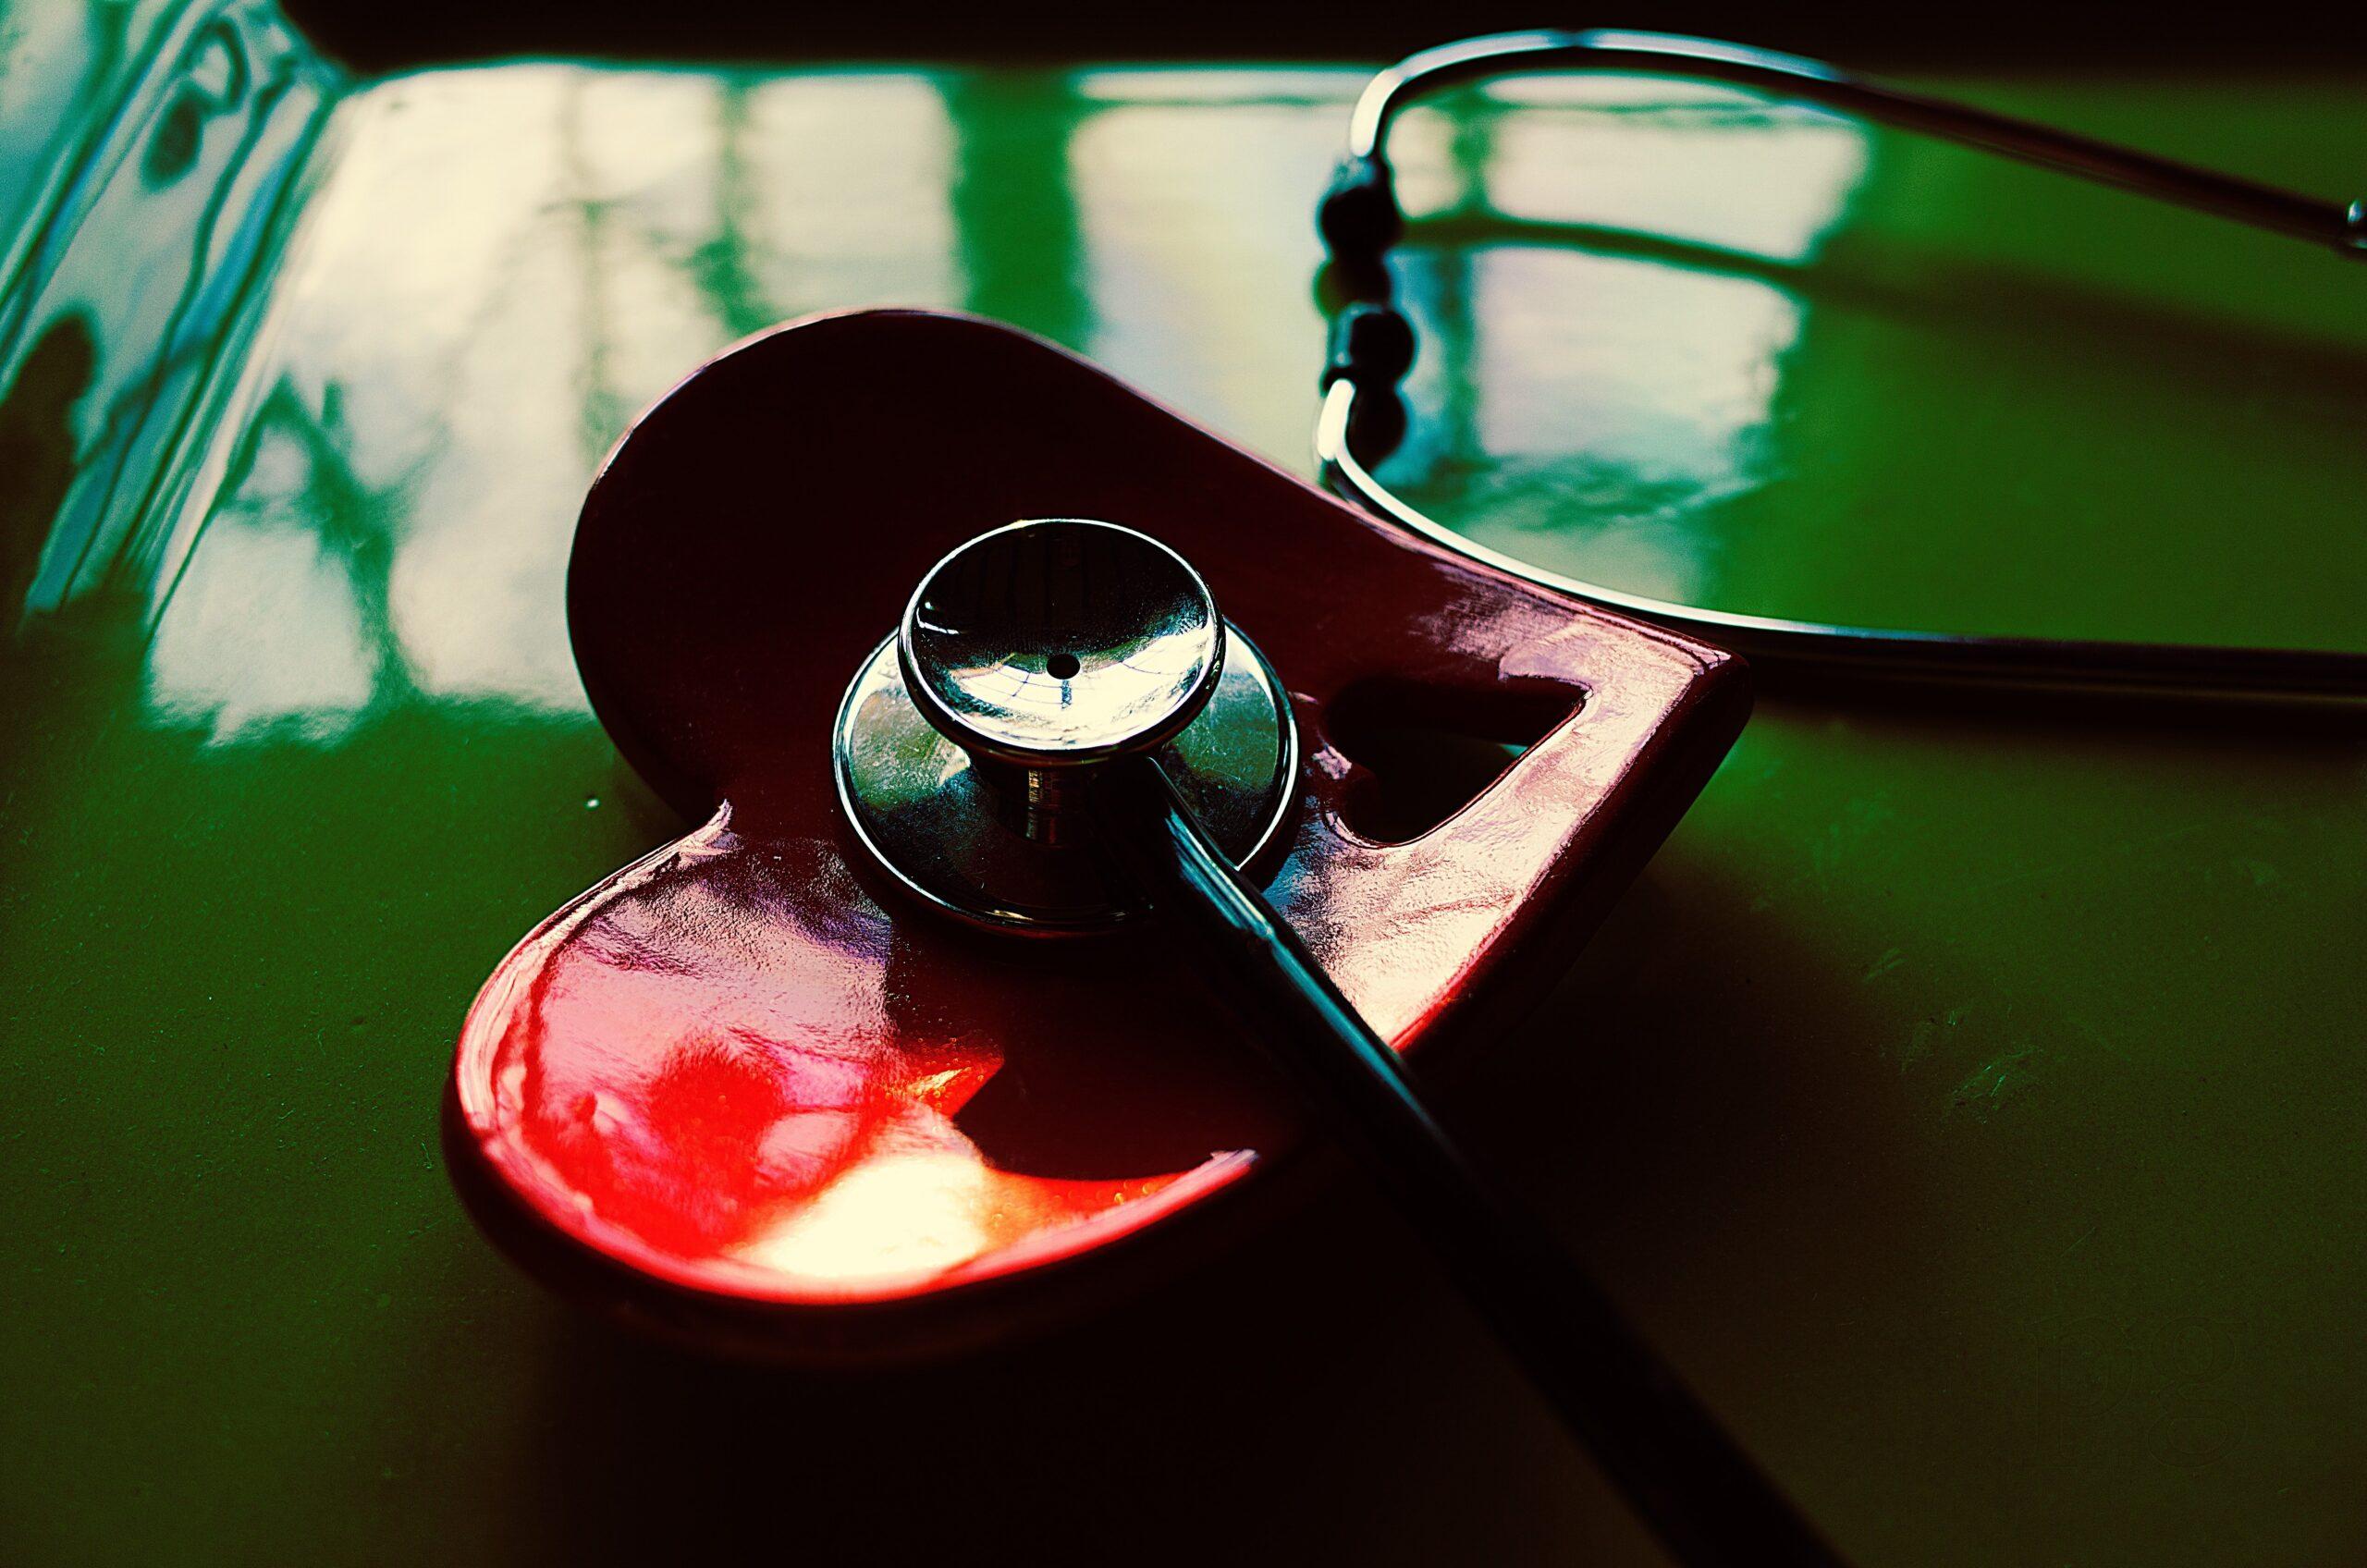 abstract-art-blur-1038727